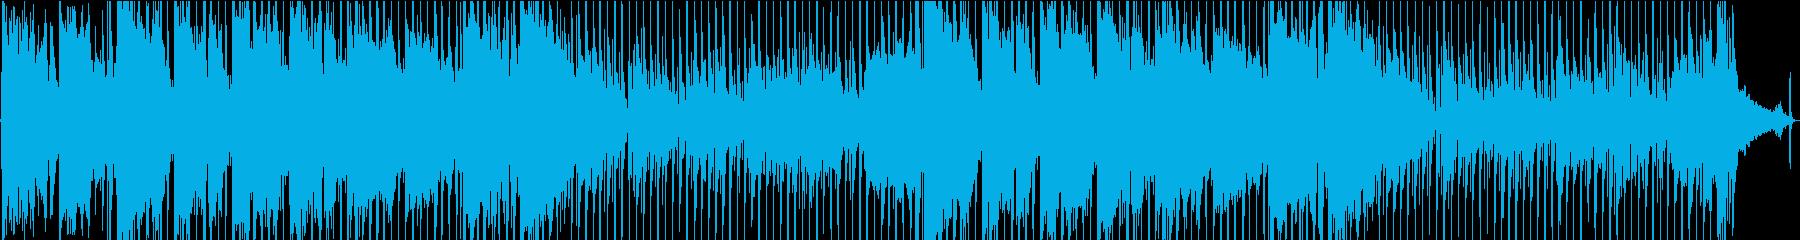 代替案 ポップ ロック 民謡 ほの...の再生済みの波形